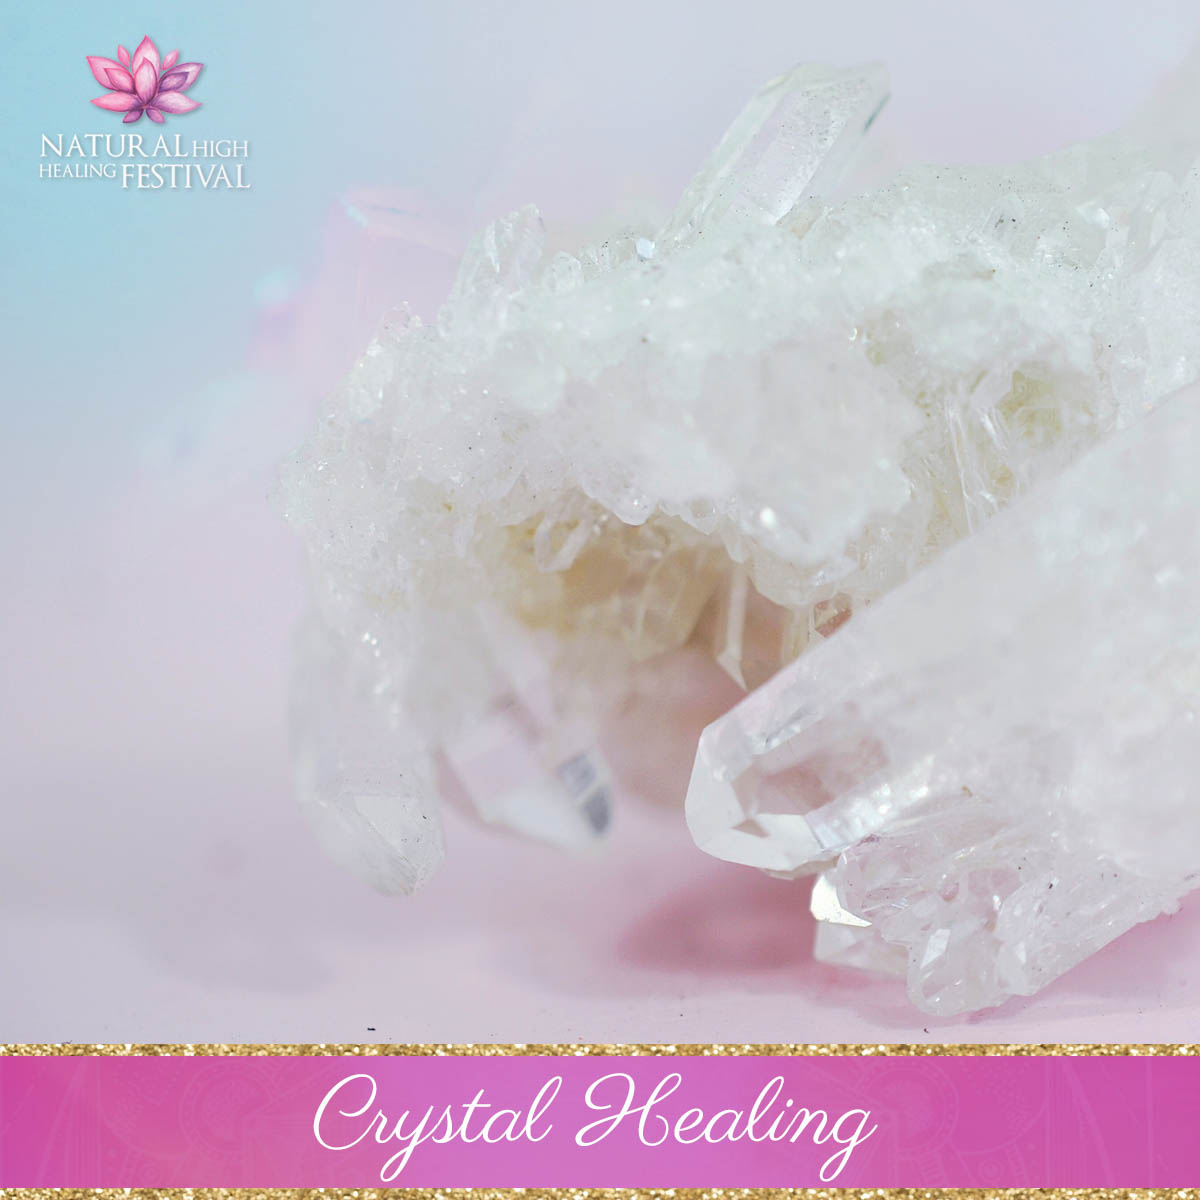 crystal healing at natural high healing  festival